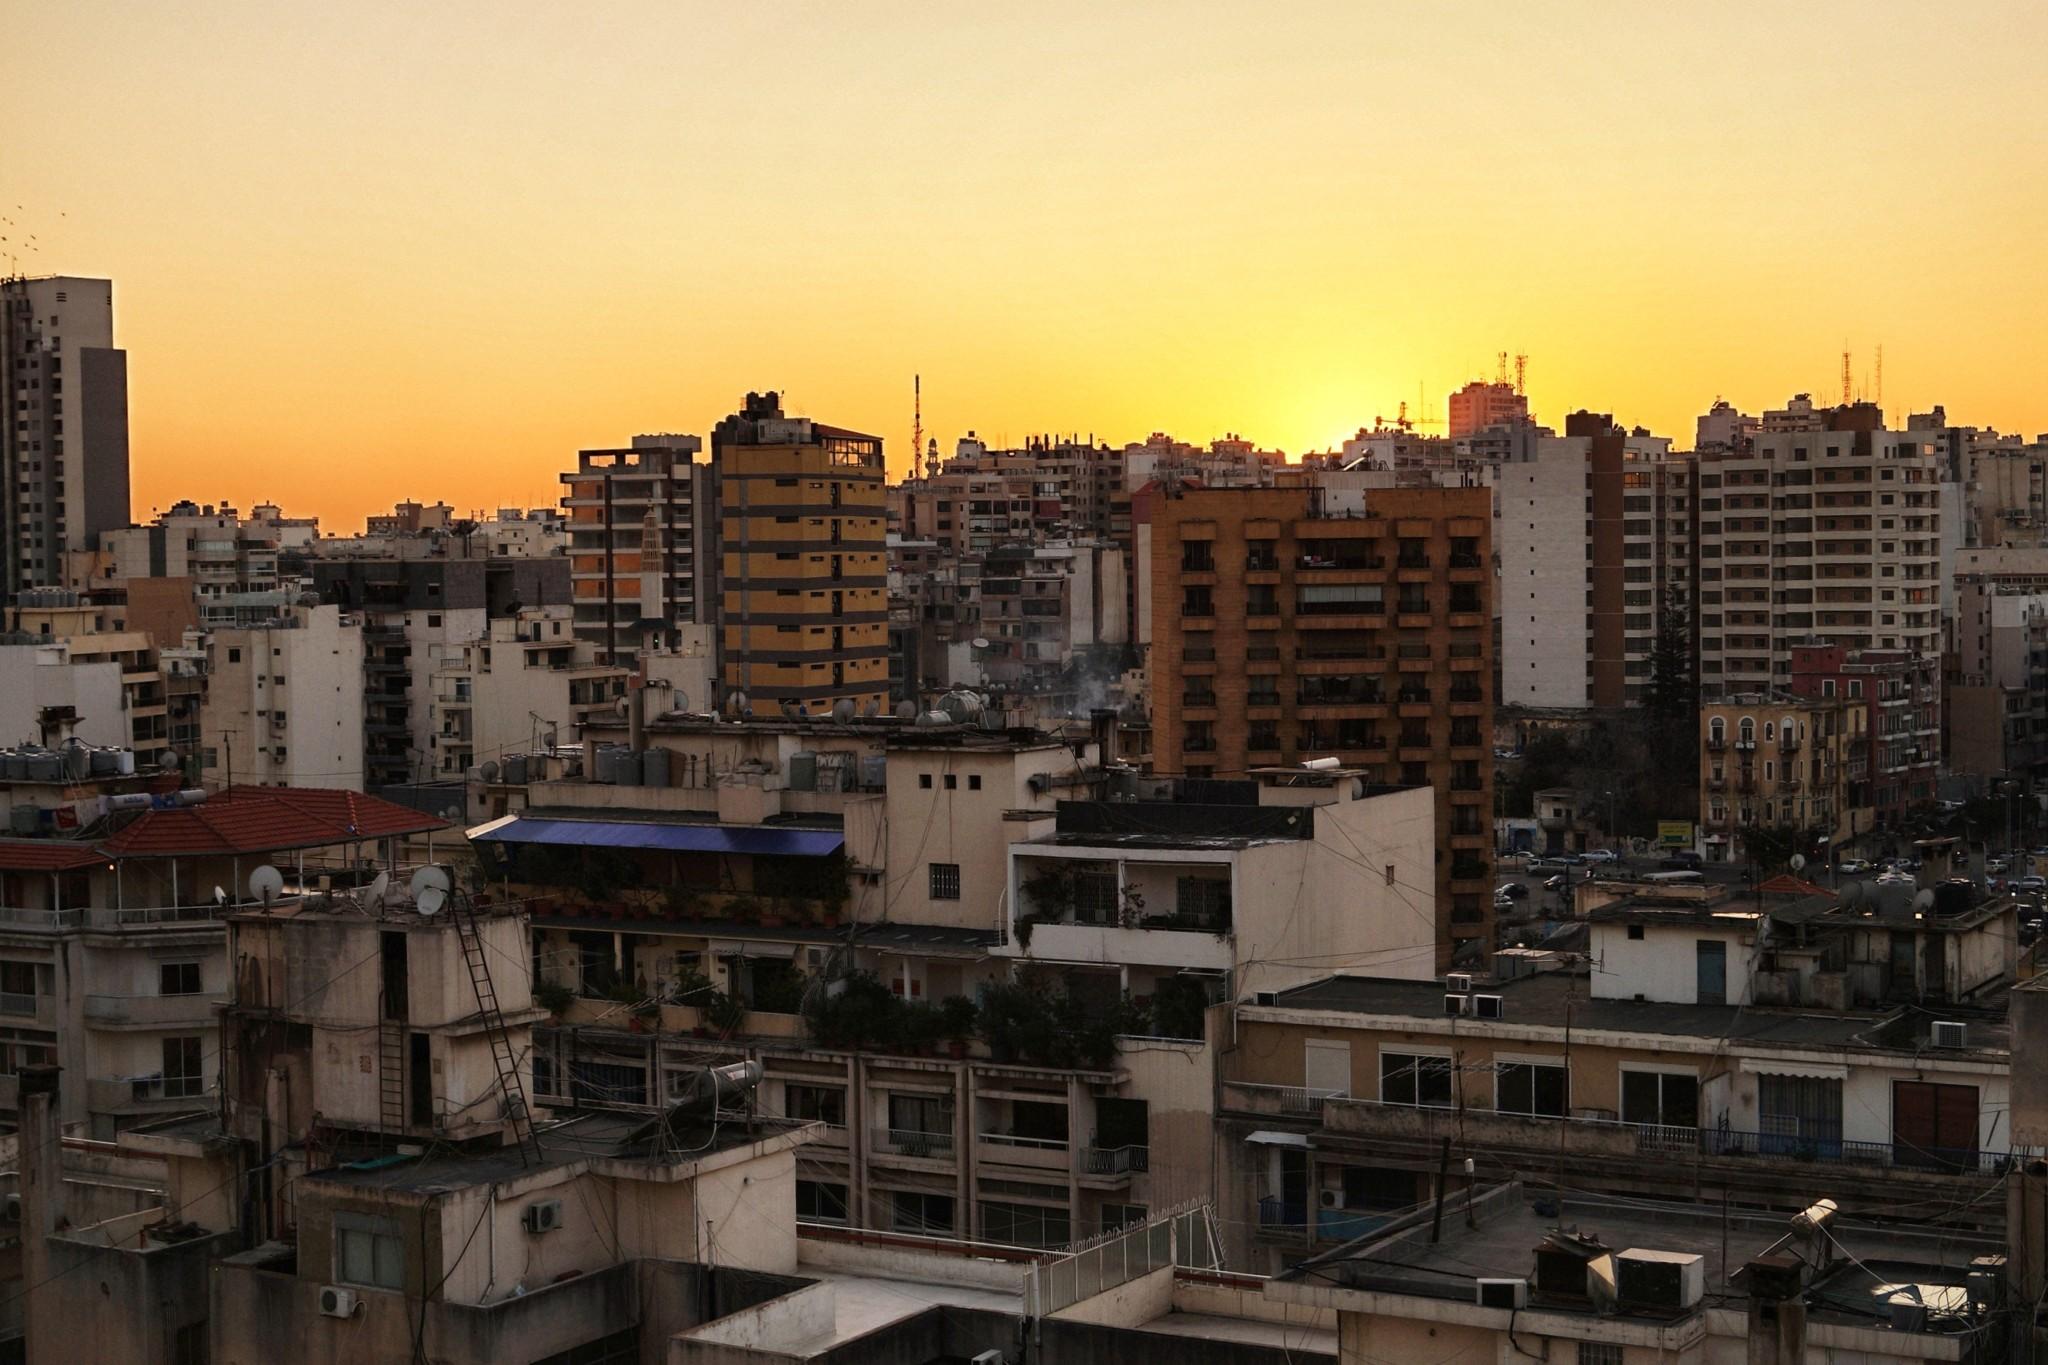 Libanon Sehenswürdigkeiten findet man in Beirut ohne Ende